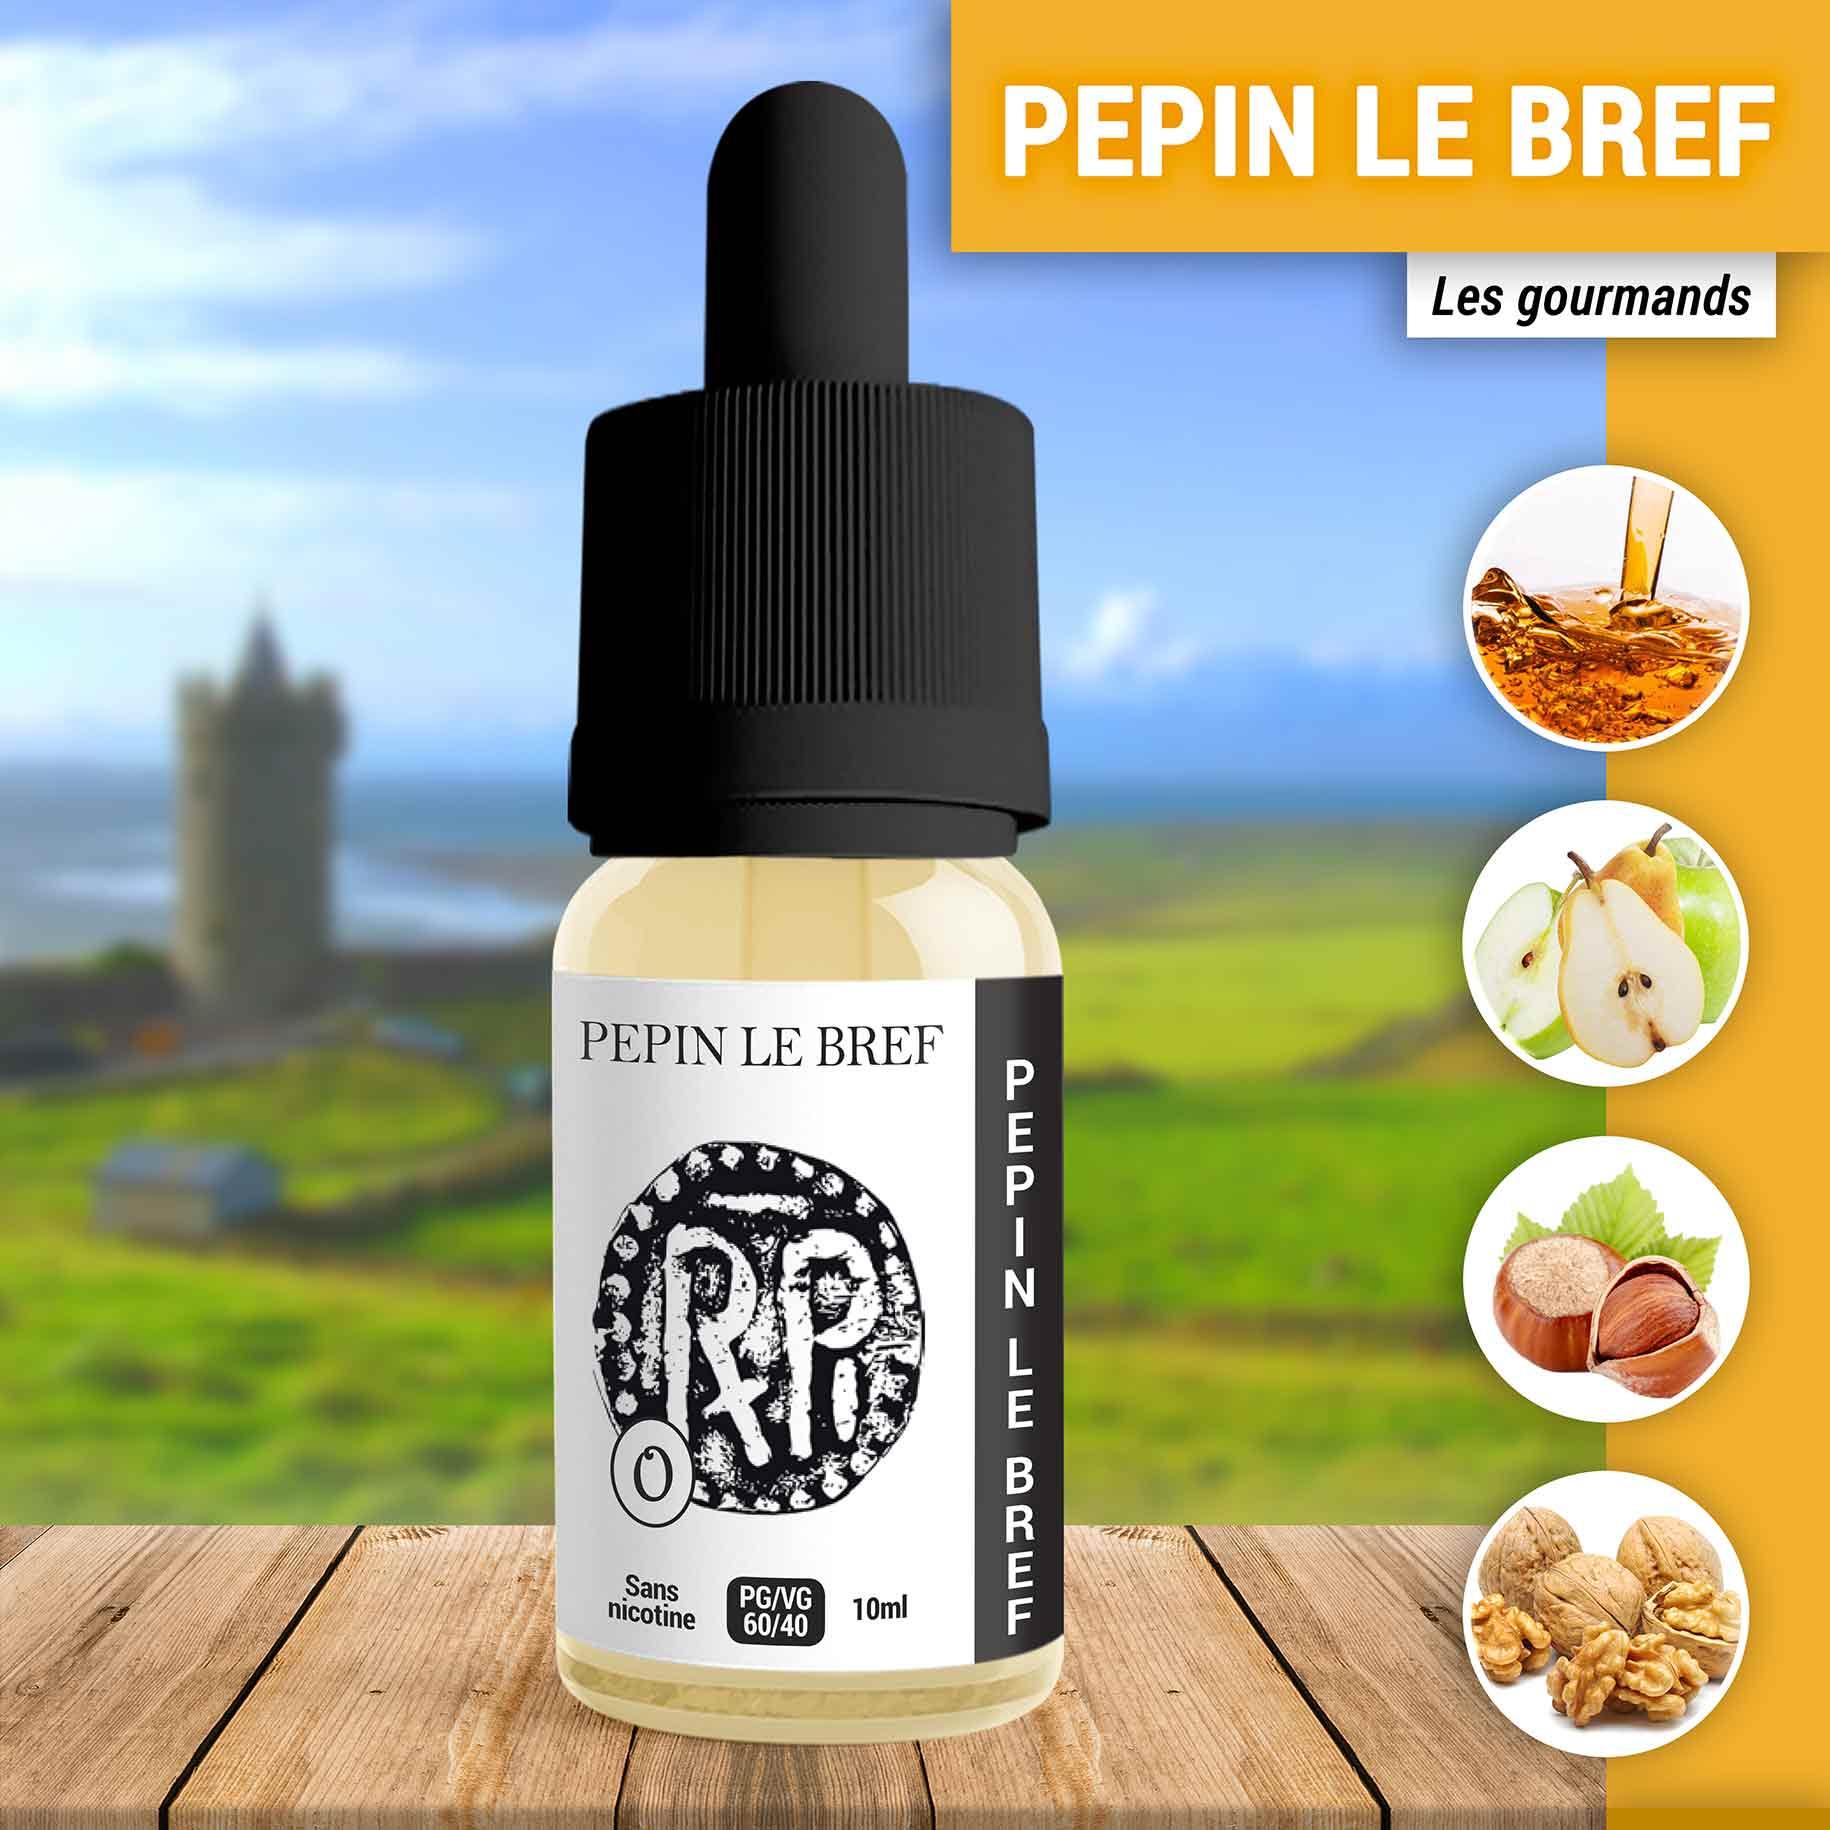 E-liquide Pepin Le Bref 10ml